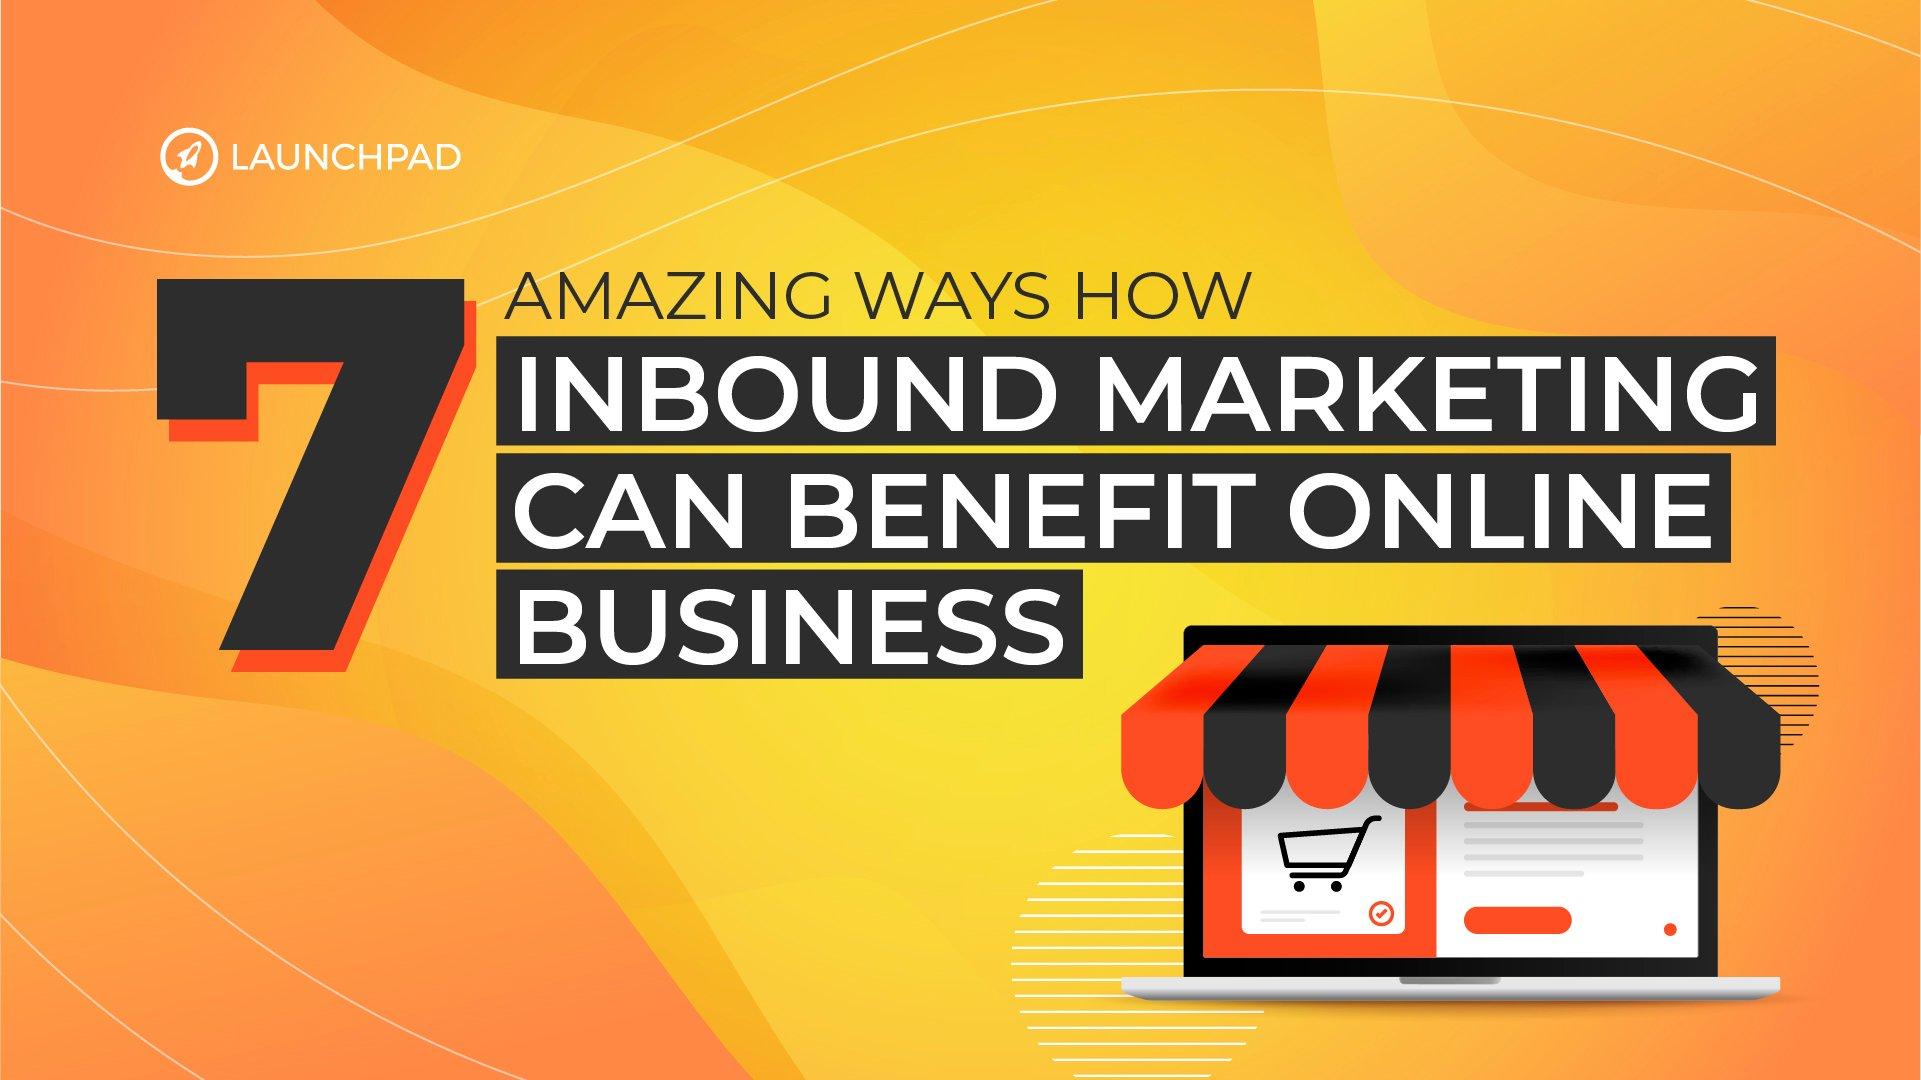 Blog[SM]-7 Amazing Ways How Inbound Marketing Can Benefit Online Business-02